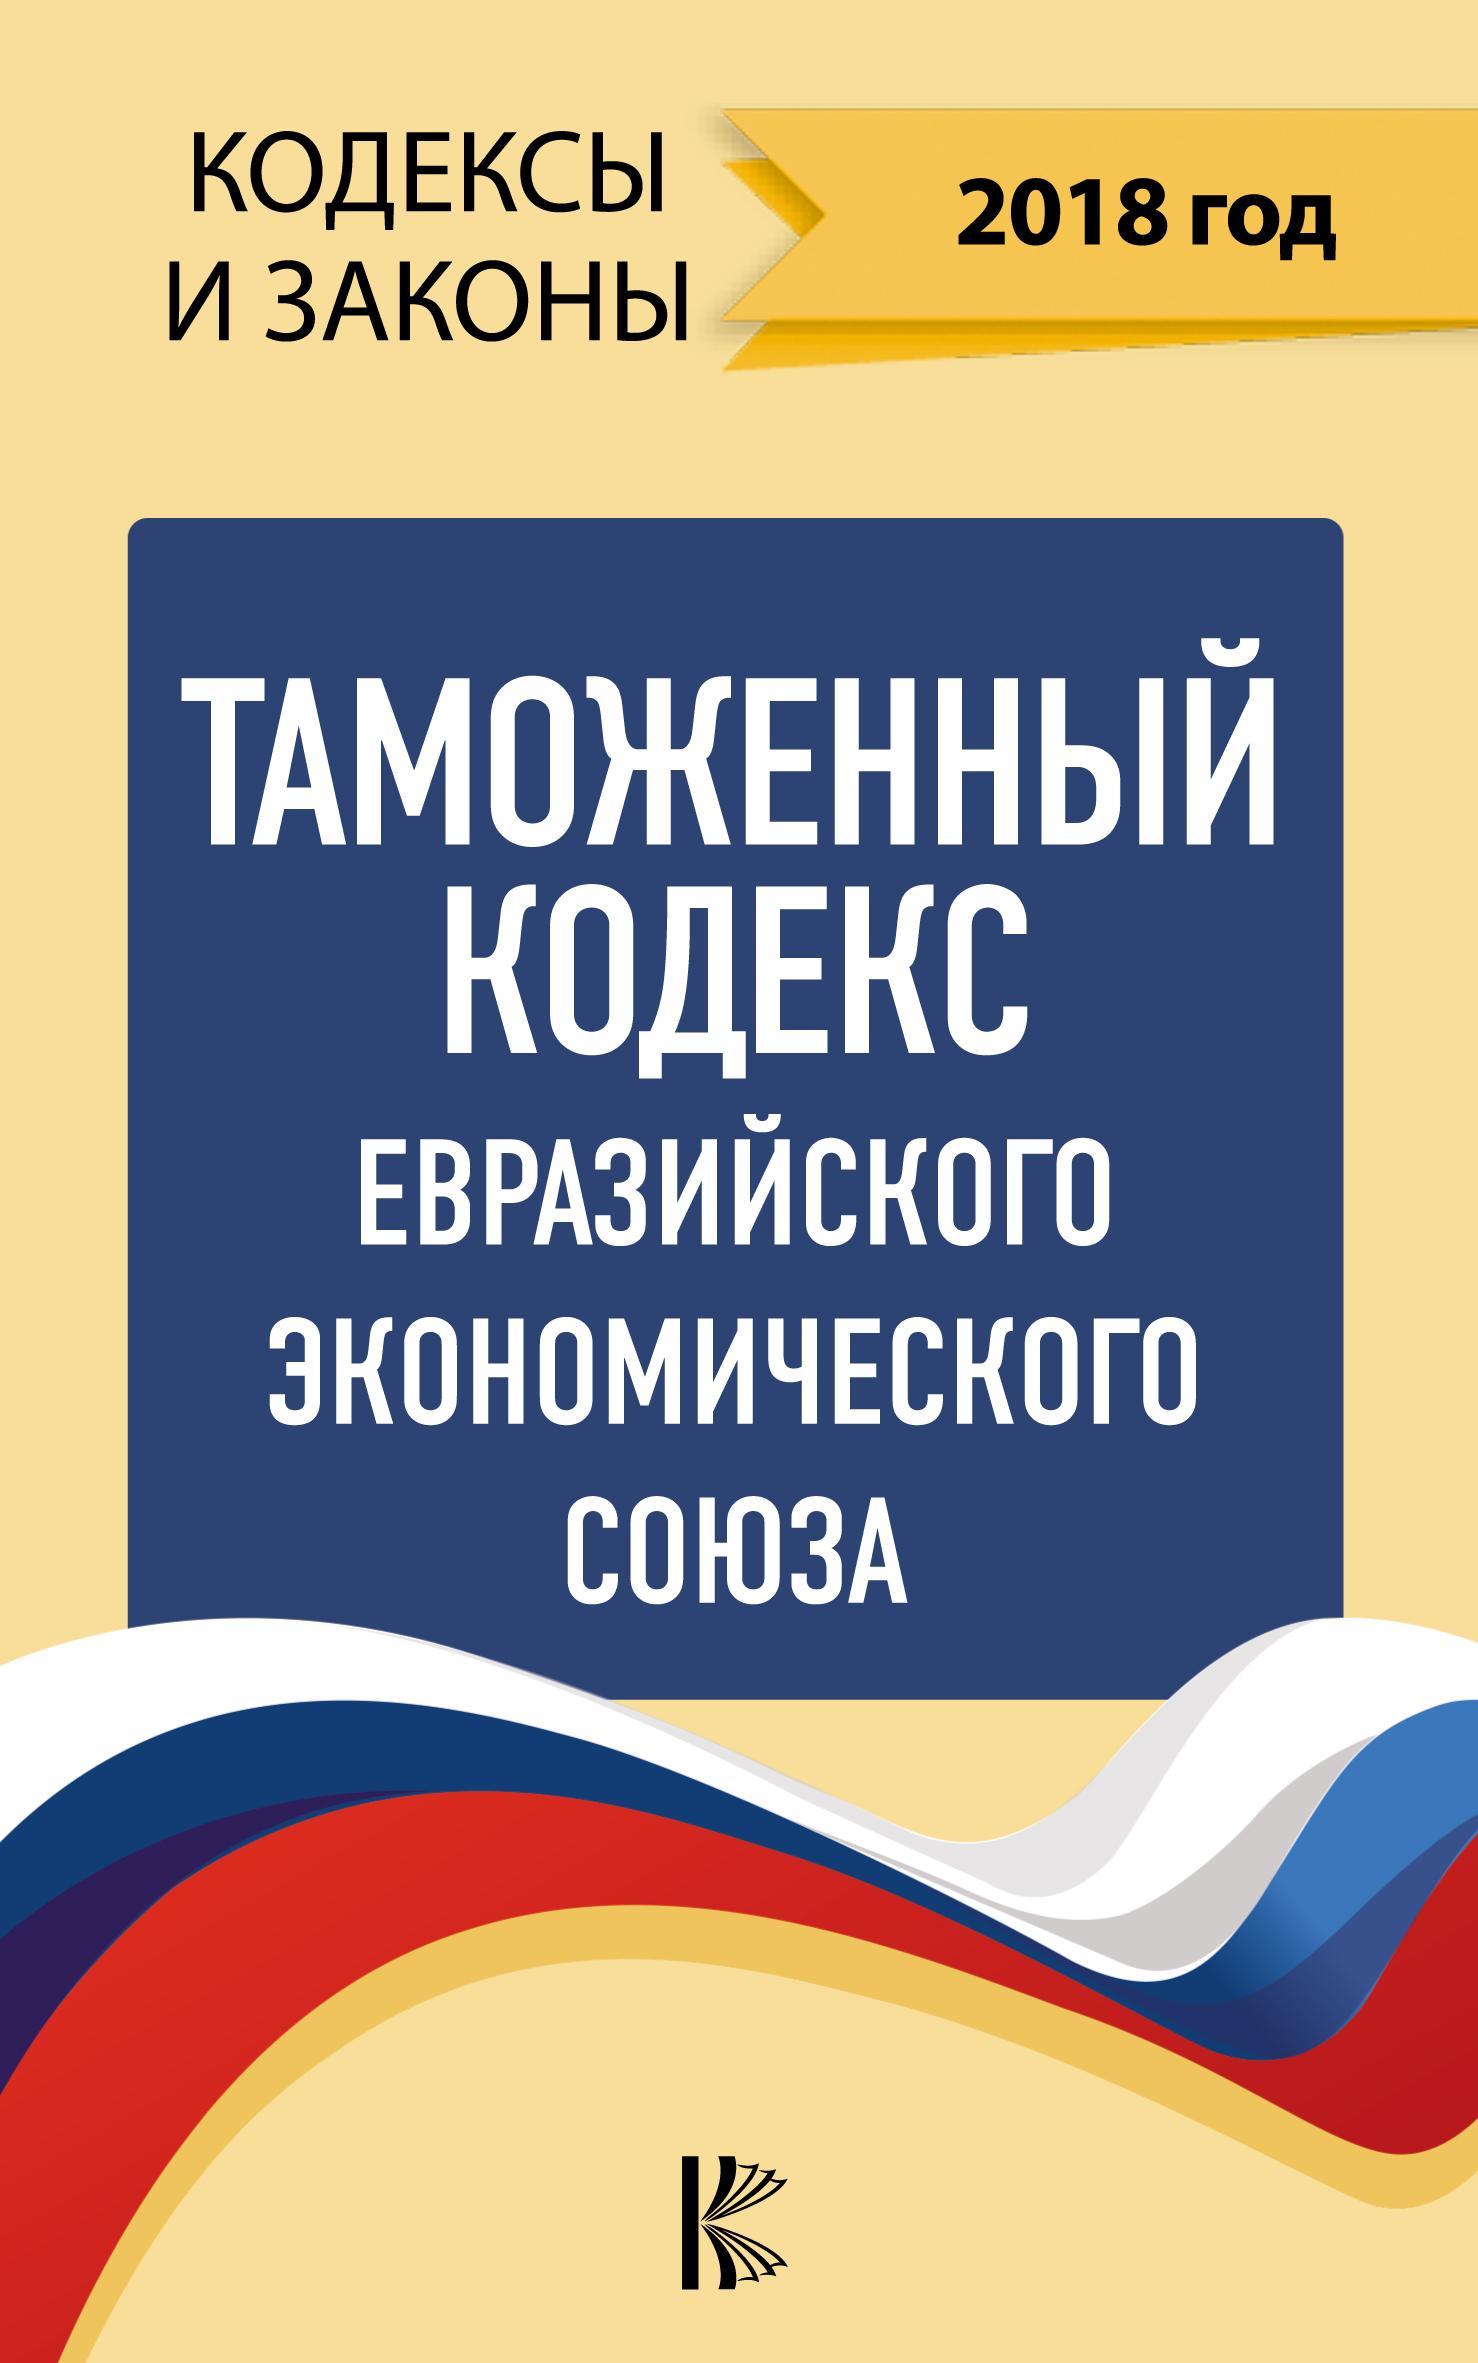 Нормативные правовые акты Таможенный кодекс Евразийского экономического союза на 2018 год нормативные правовые акты уголовный кодекс республики молдова